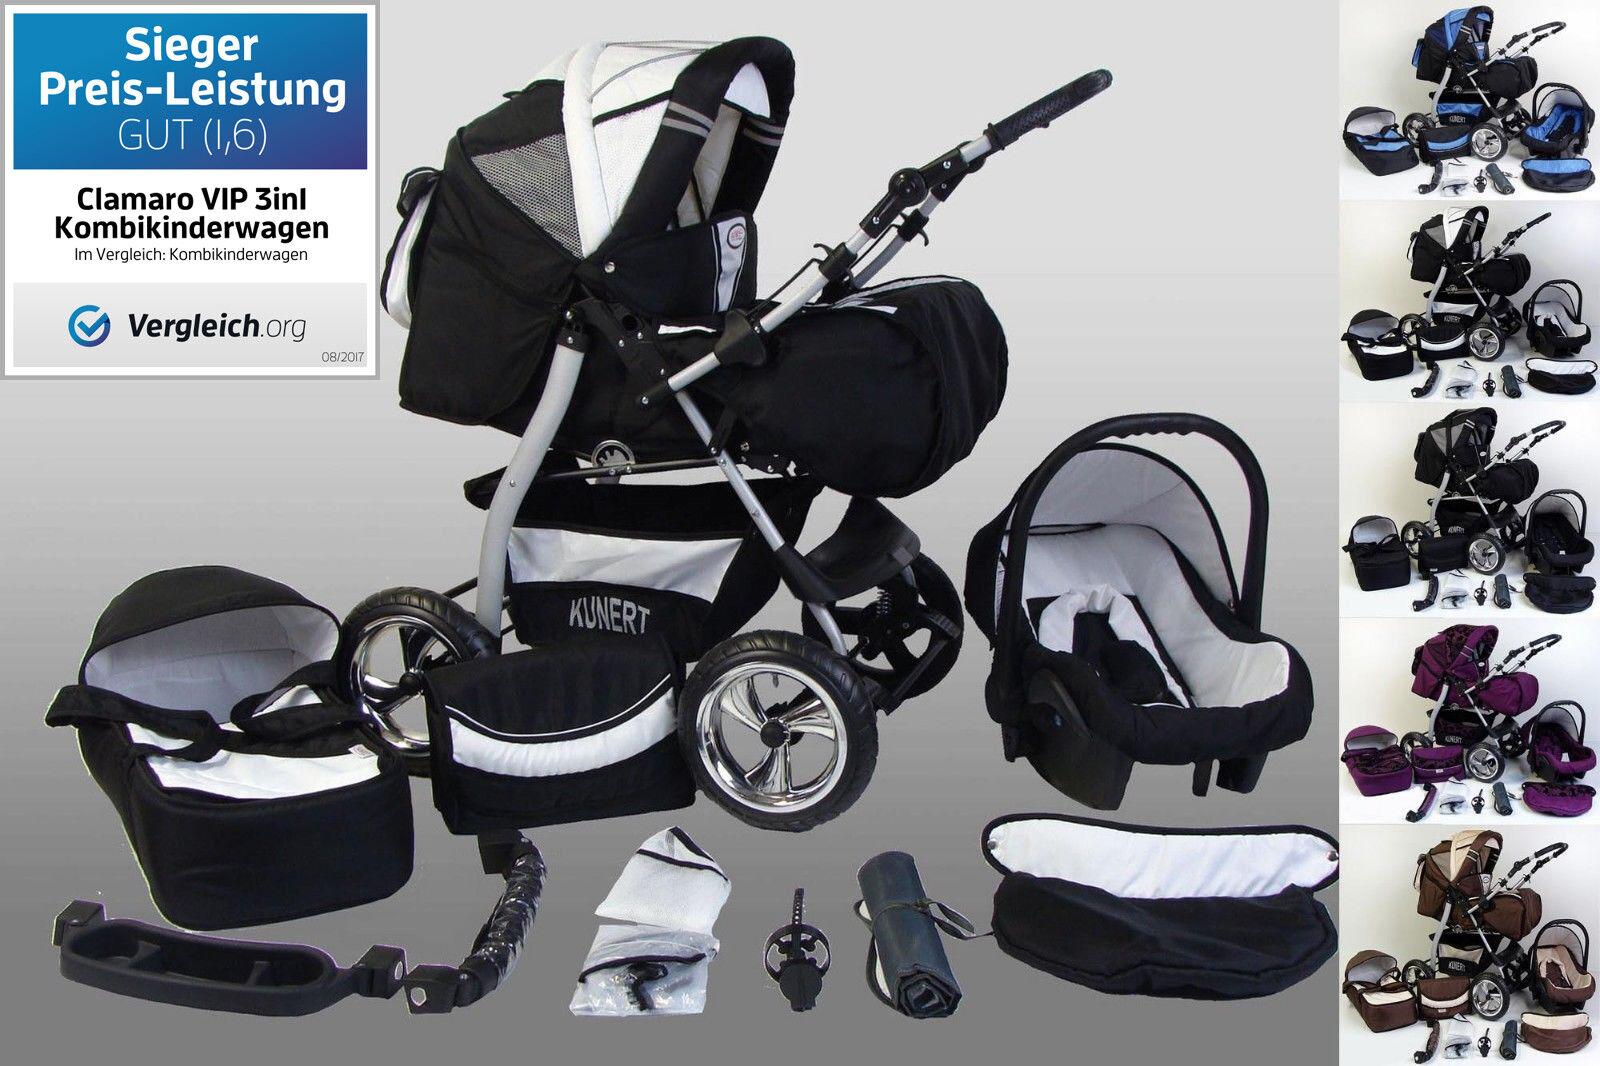 Kinderwagen Kombikinderwagen Babyschale 0-13 kg VIP 3in1 sofort lieferbar baby